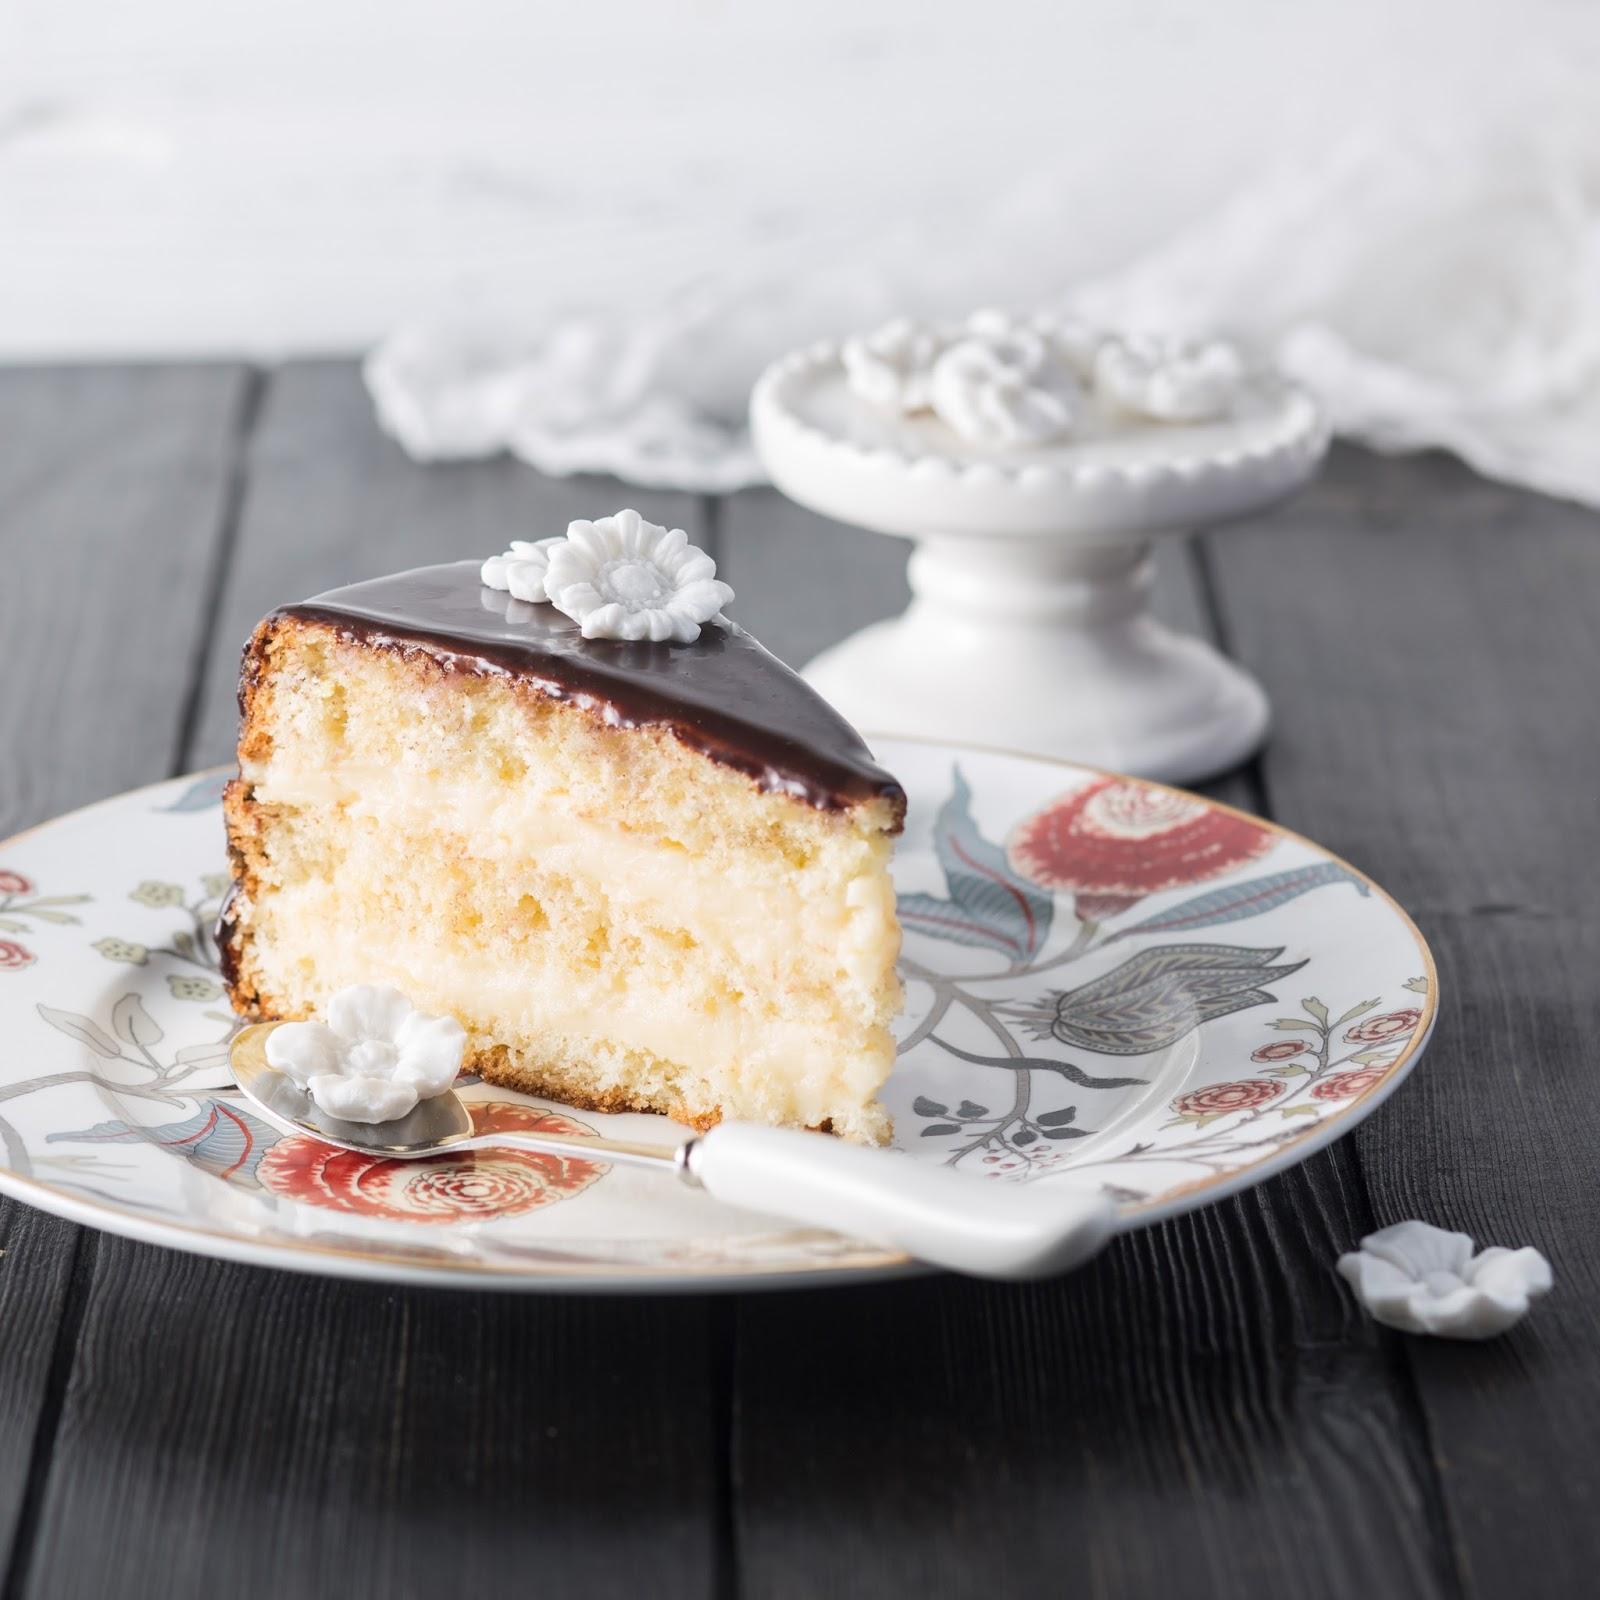 Кремовый пирог в нутрь